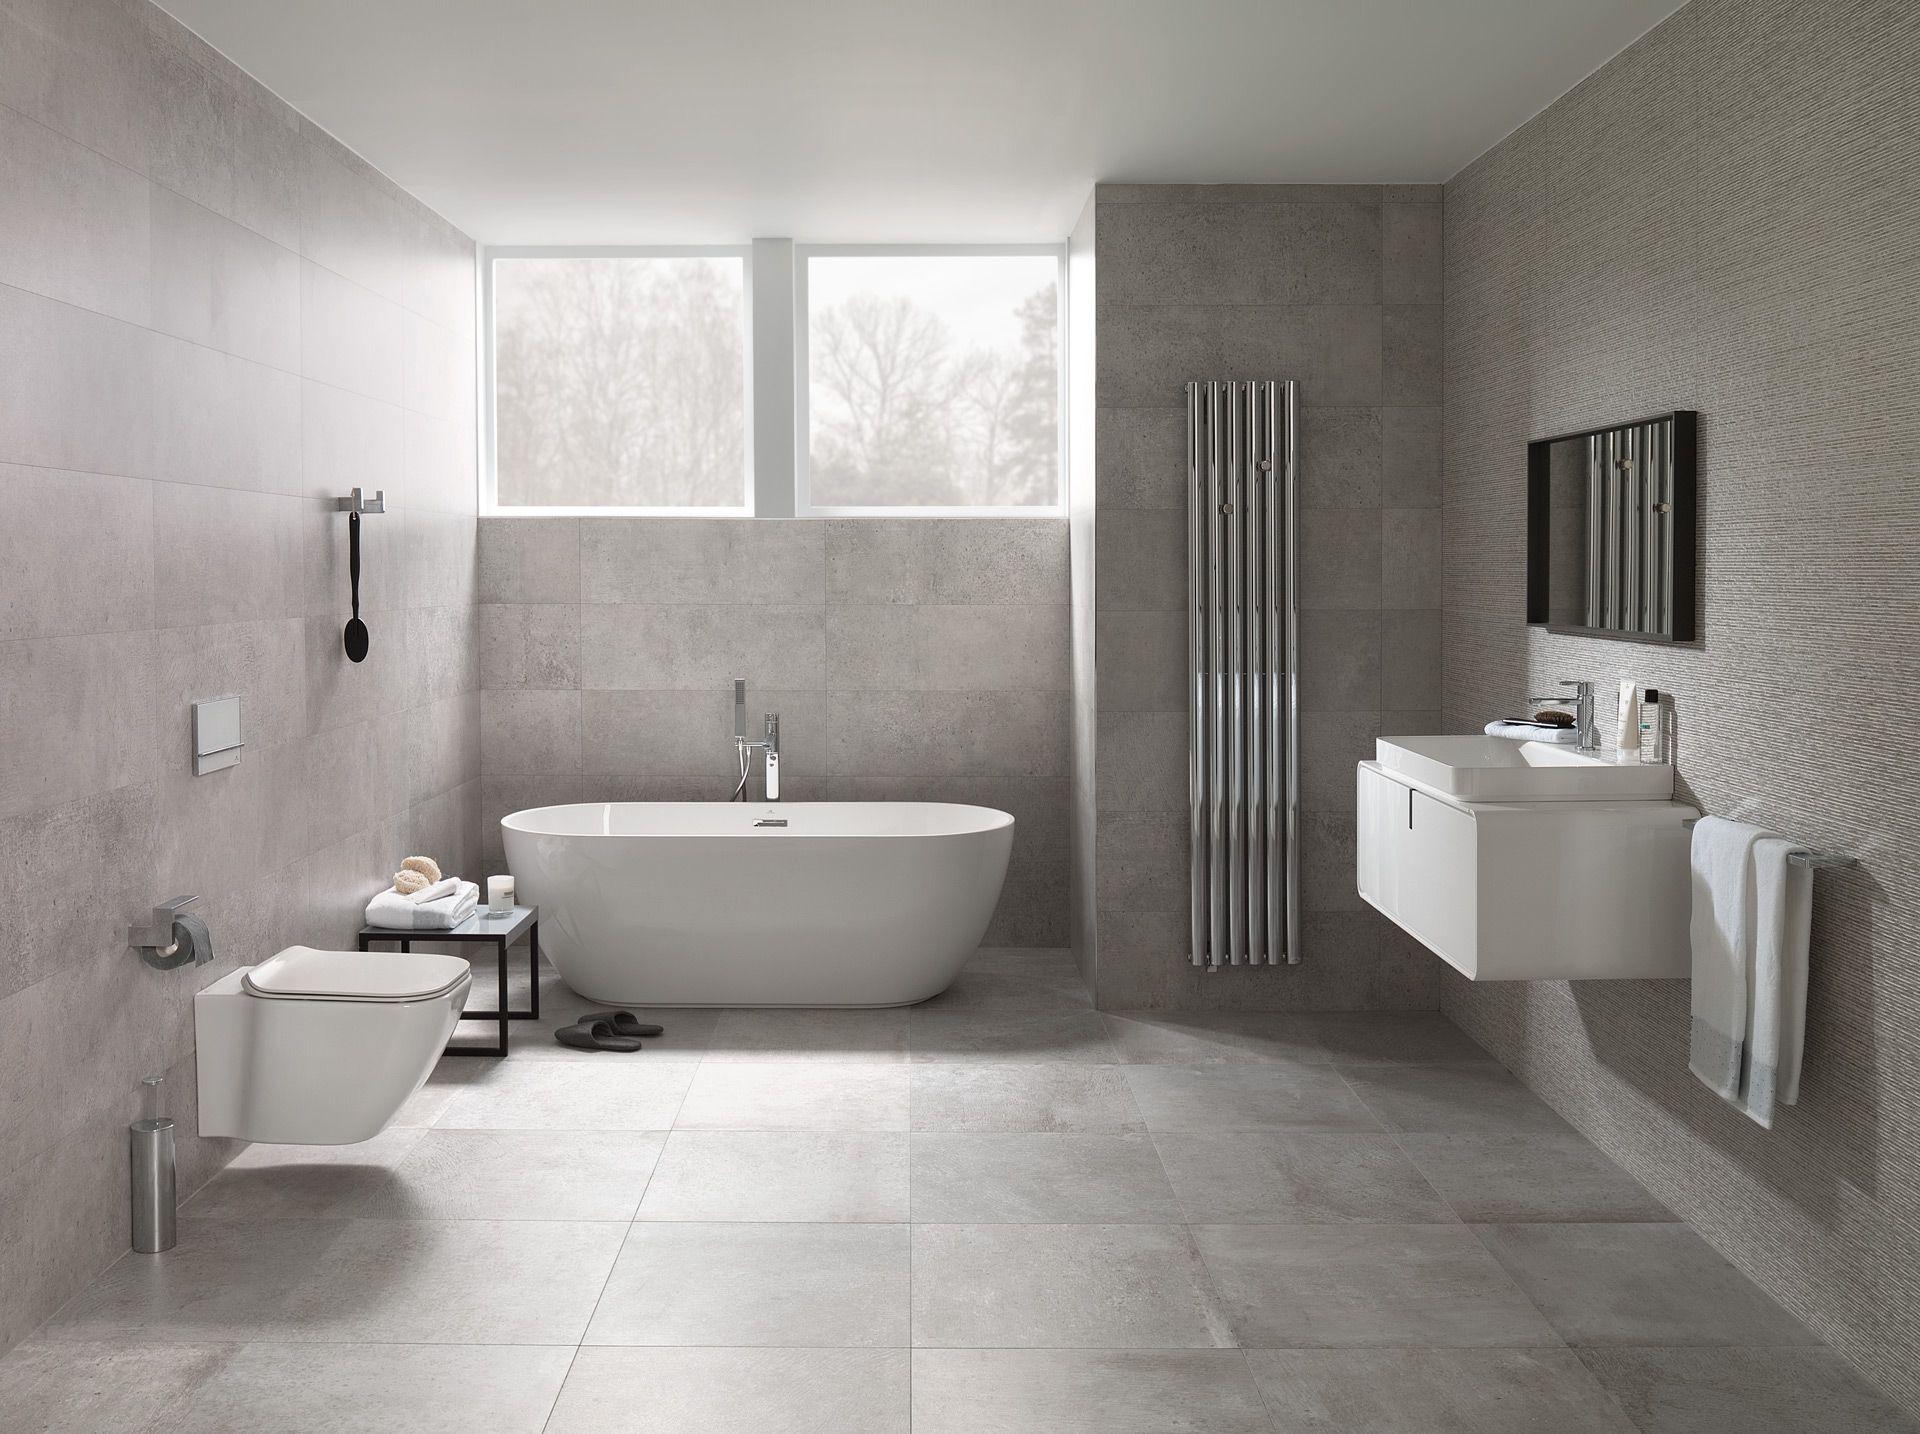 Bathrooms With A Spa Look Spa Style Bathroom Ideas Home Spa Like Bathroom Wall Tiles Design Bathroom Interior Design Spa Style Bathroom